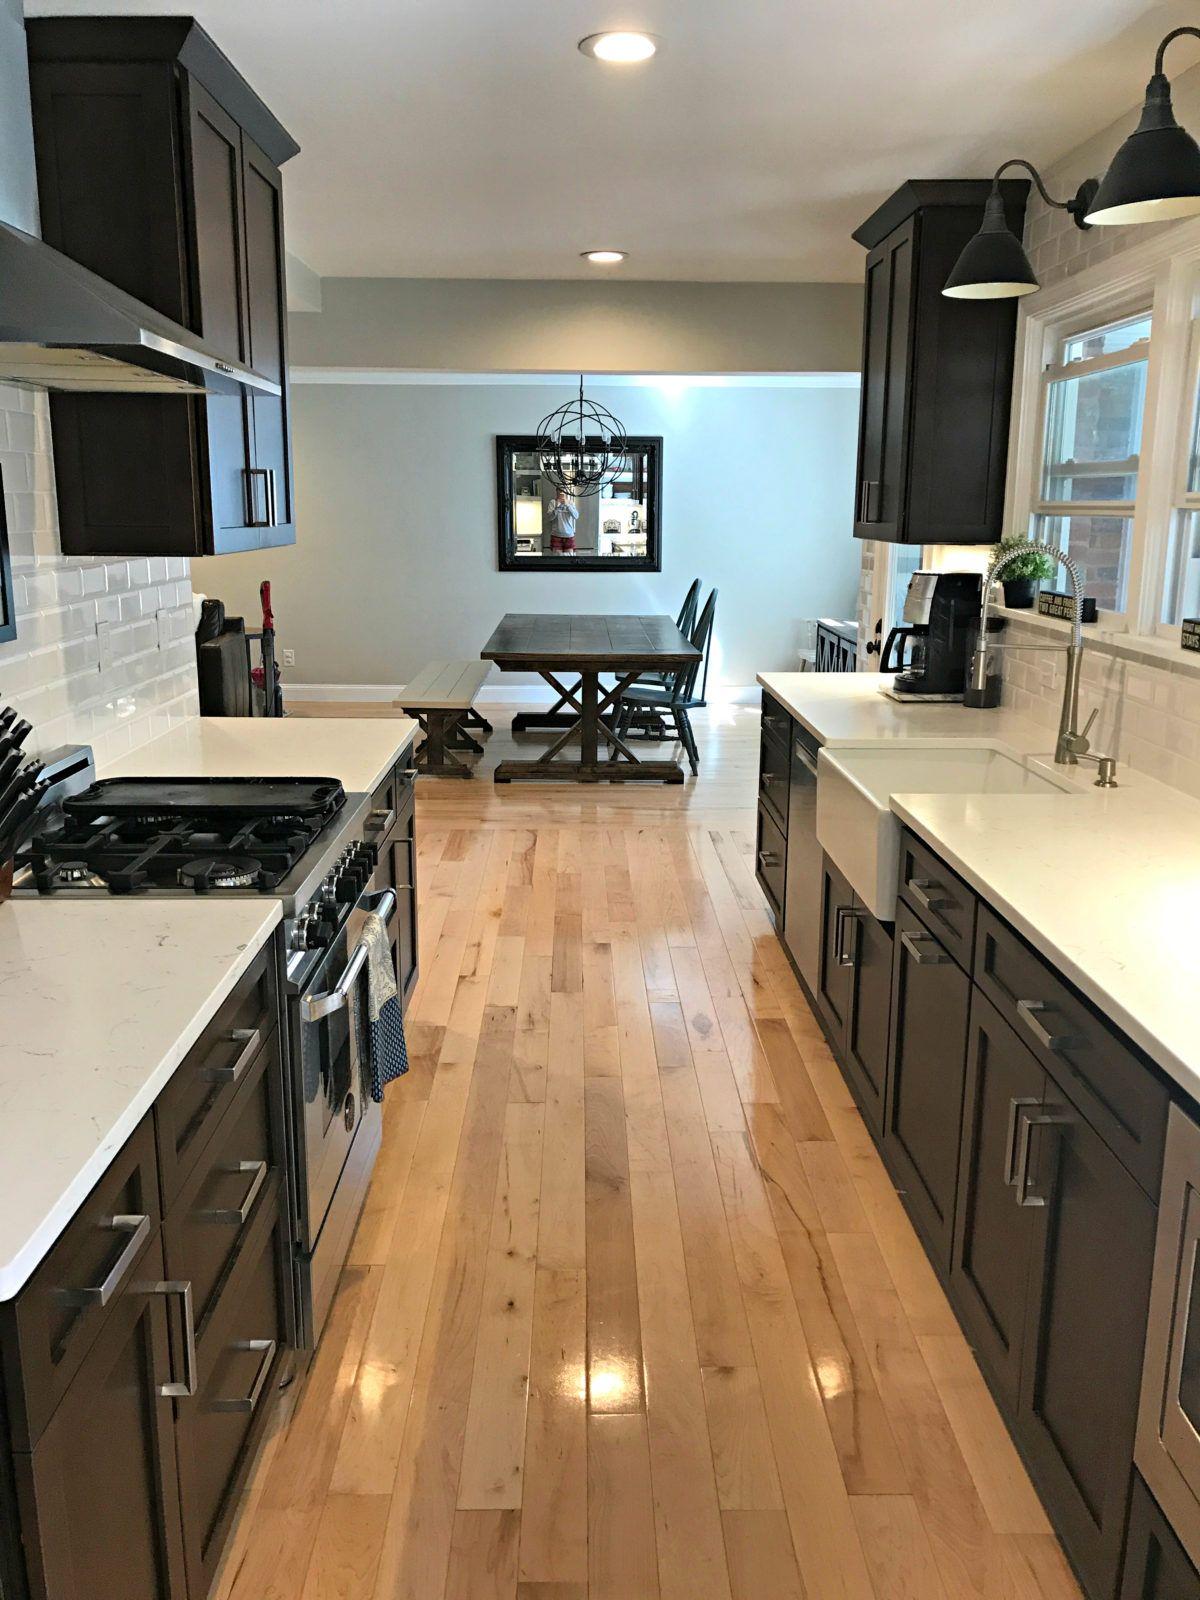 Galley Kitchen Renovation Galley Kitchens Kitchens And Remodeling - Remodeling a galley kitchen